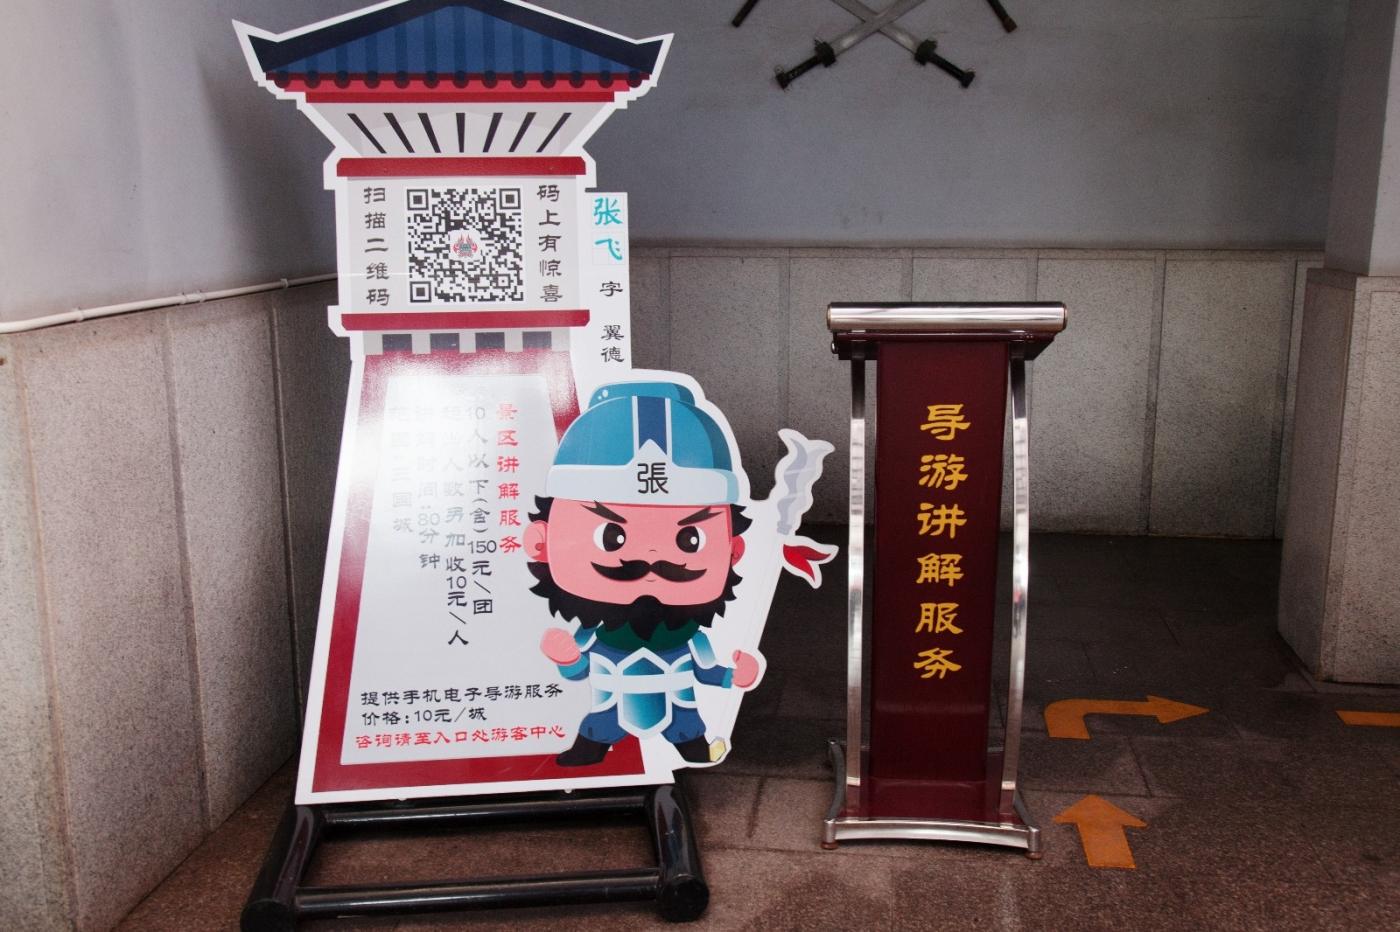 游无锡央视影视基地,观三国沙场大战演出_图1-4